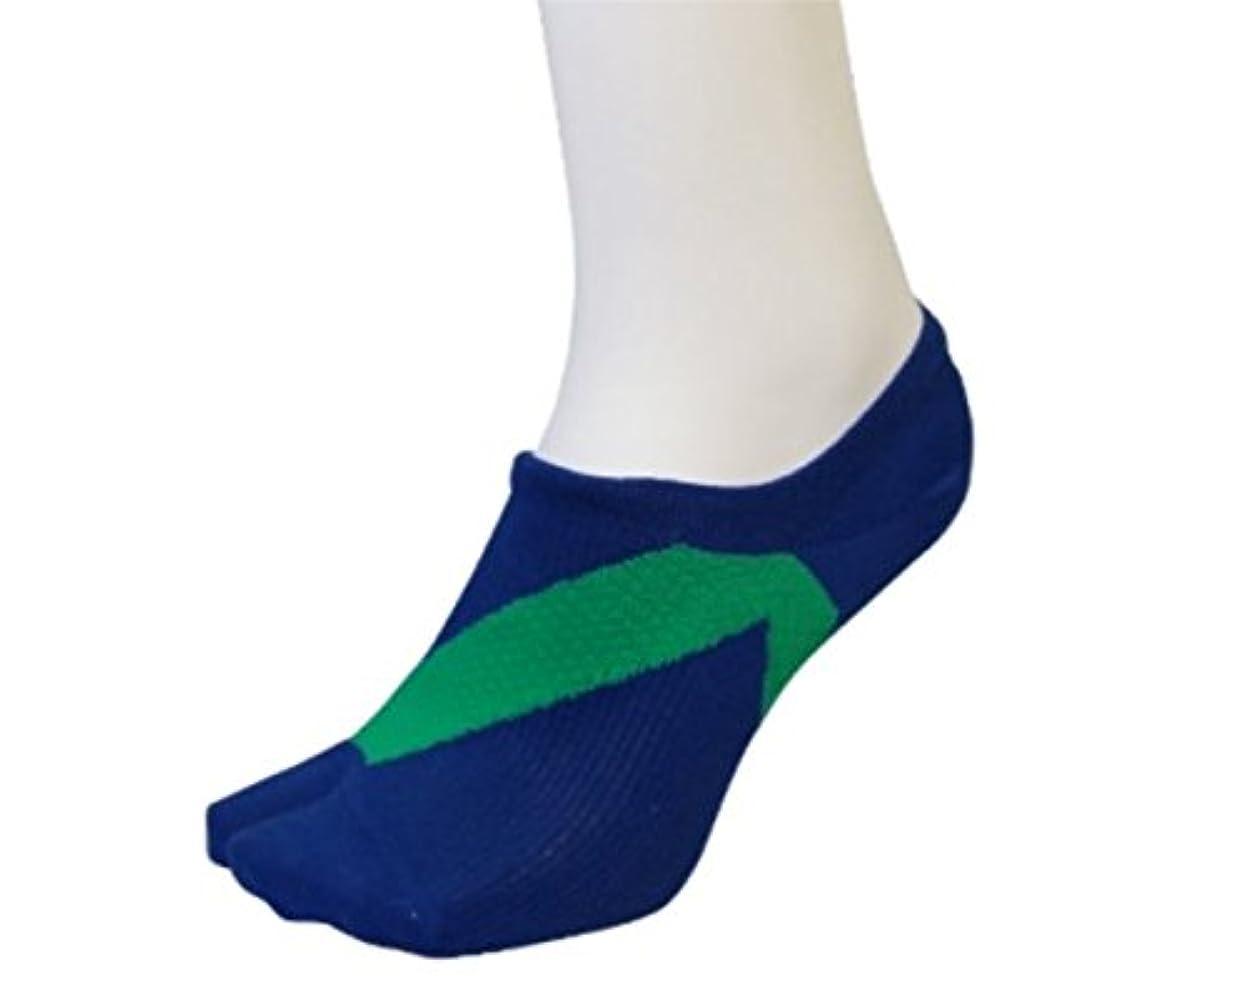 潜水艦召集するつぶやきさとう式 フレクサーソックス スニーカータイプ 紺緑 (S) 足袋型